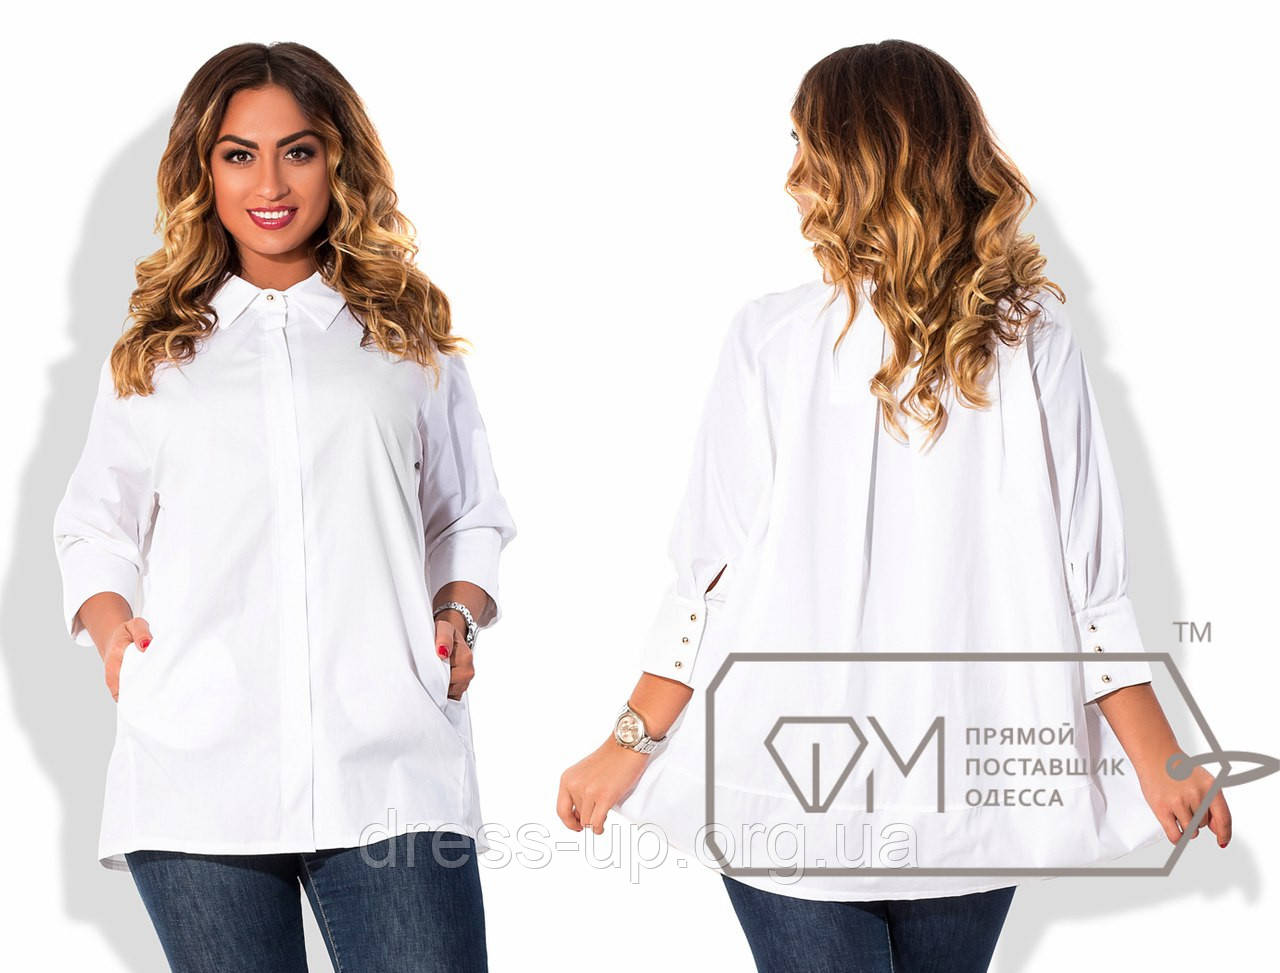 b06de7dcae0 Купить Рубашку женскую белую PY -010 оптом и в розницу в Одессе